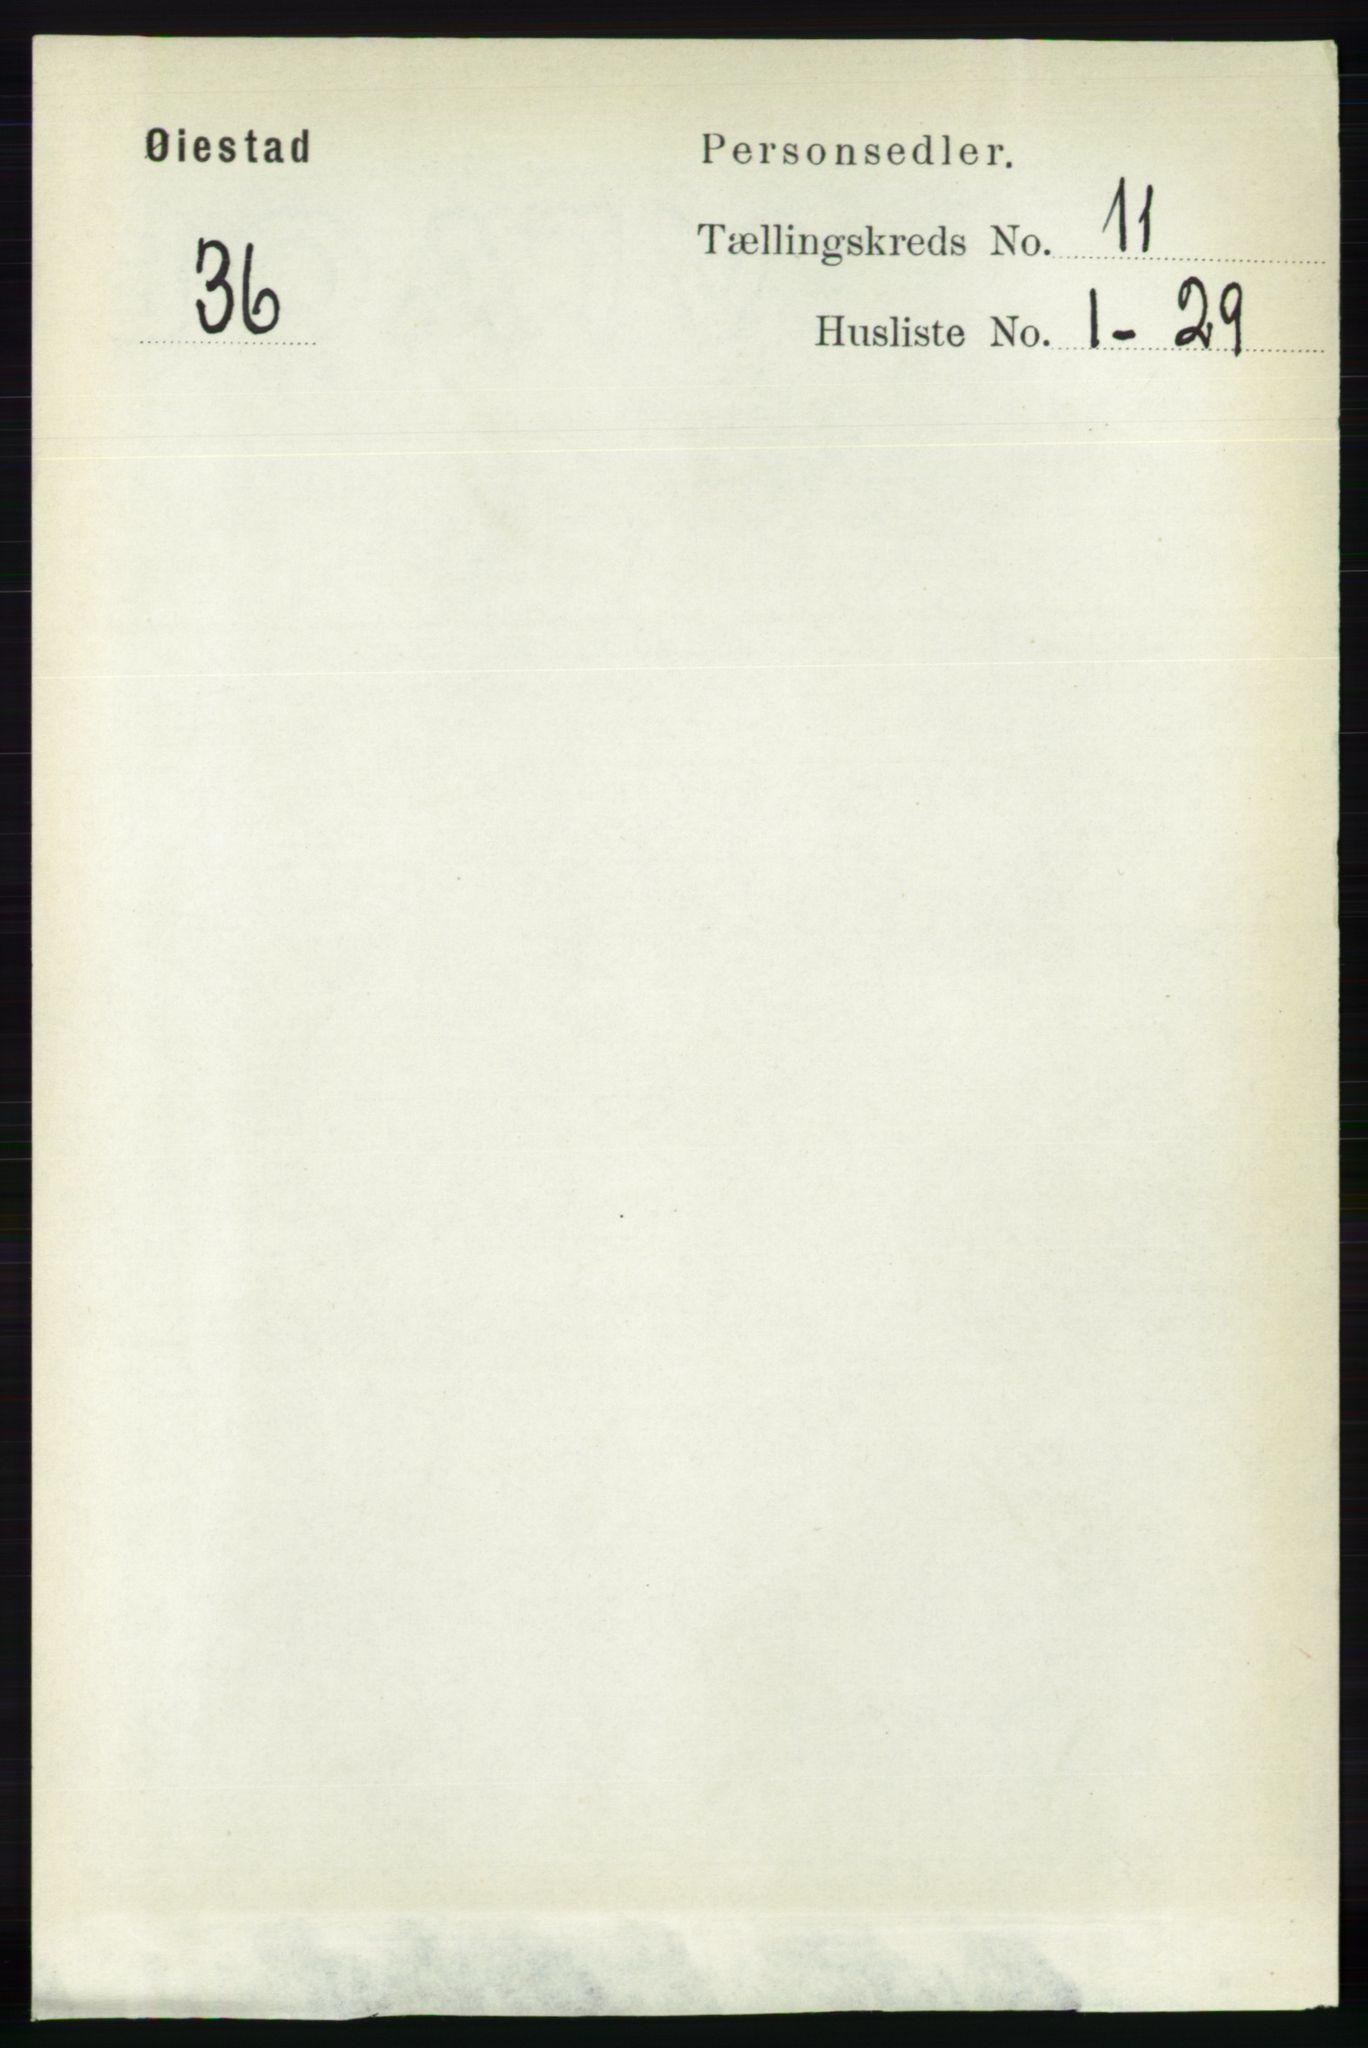 RA, Folketelling 1891 for 0920 Øyestad herred, 1891, s. 4811